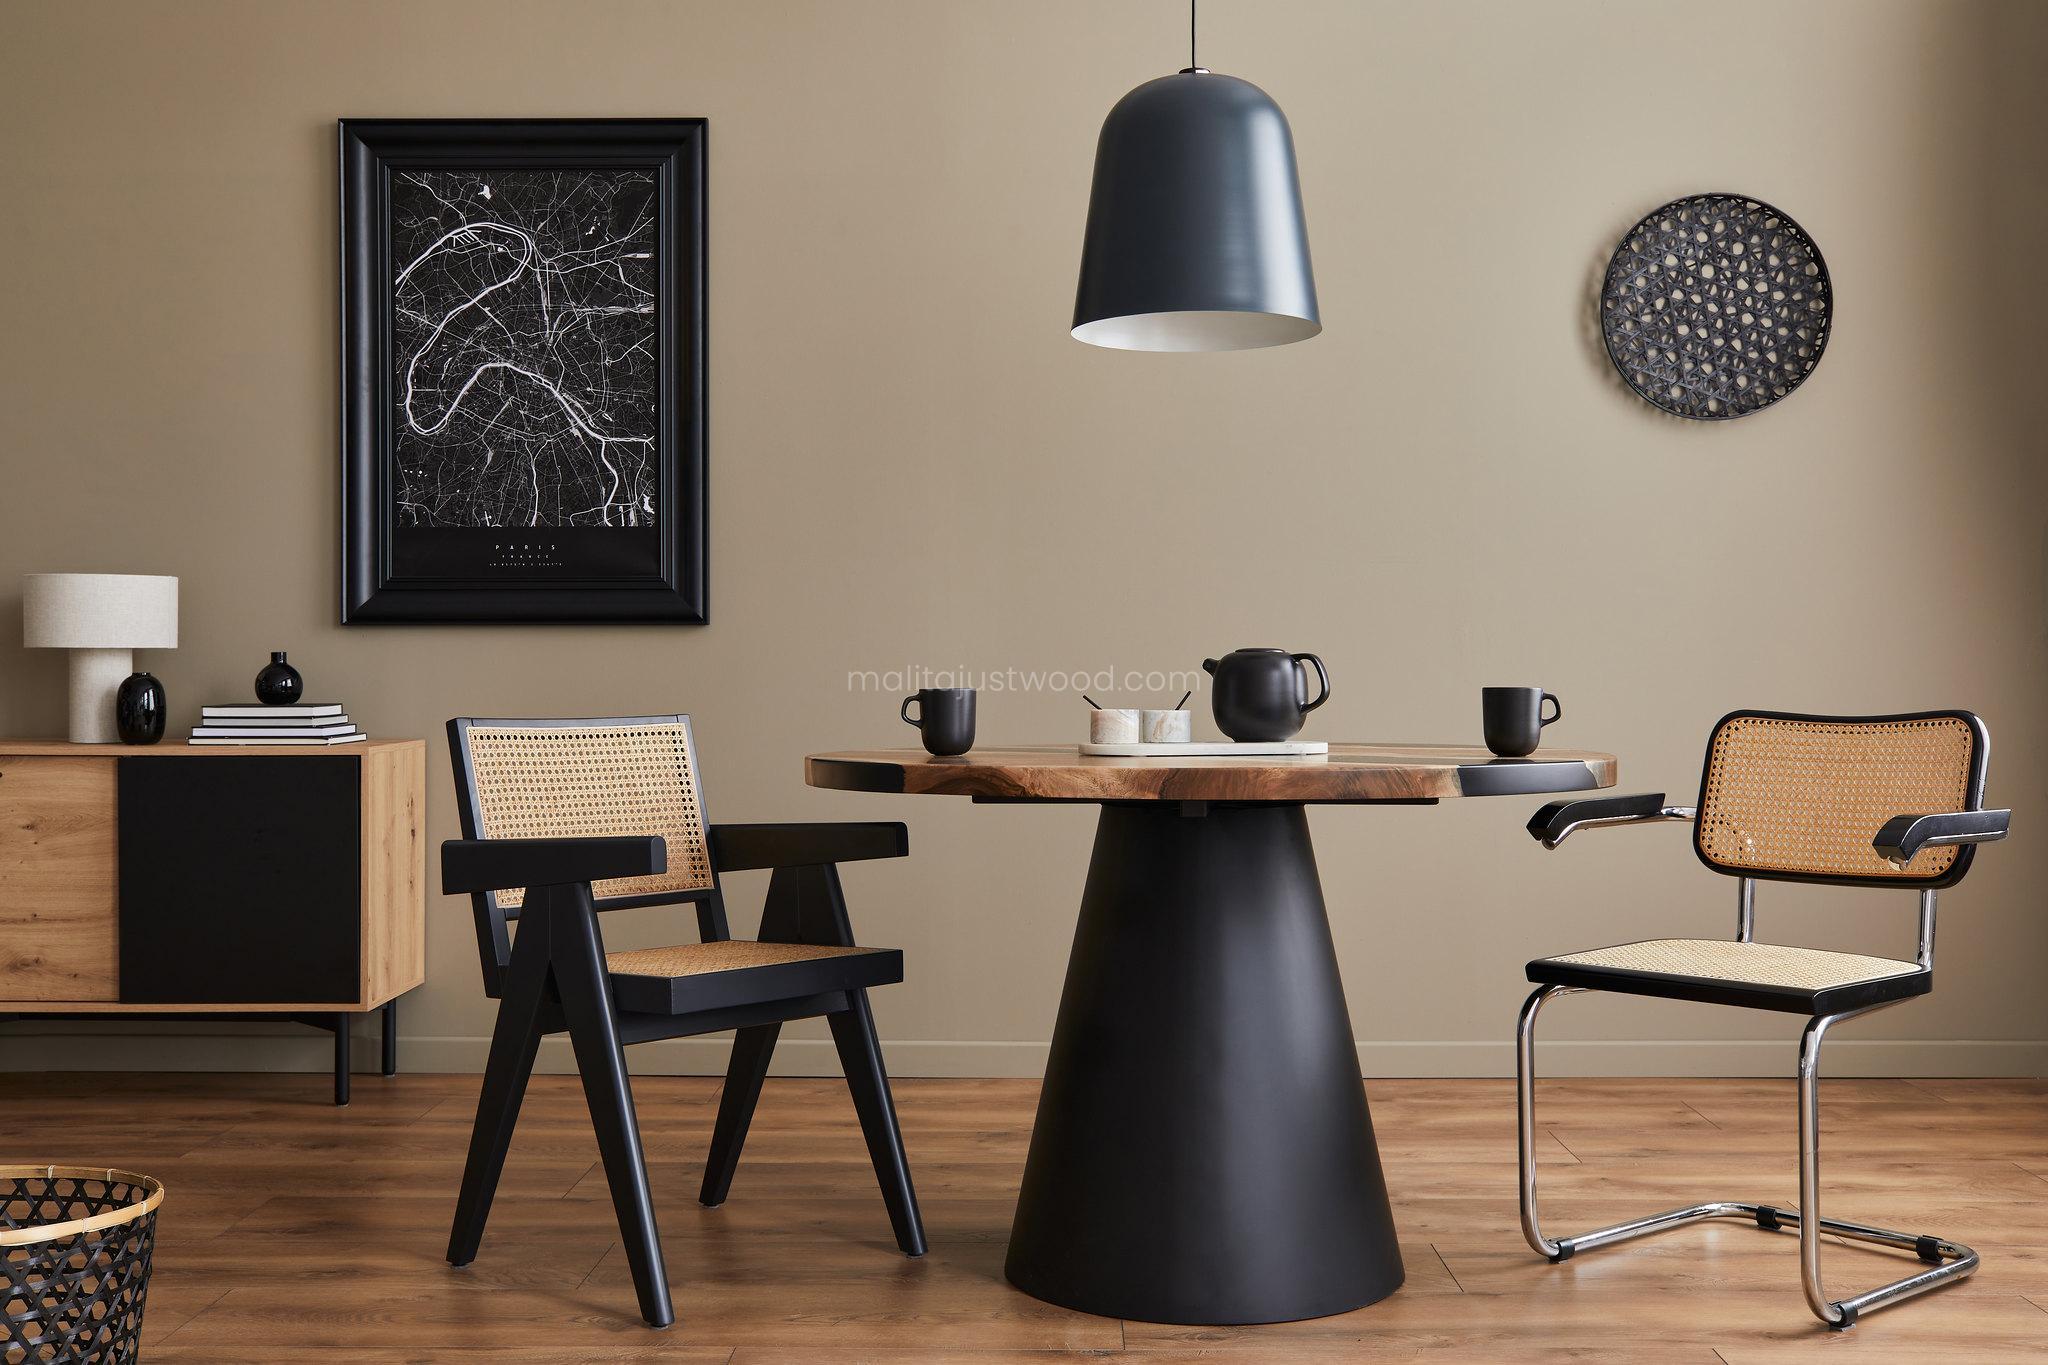 Awangardowe i minimalistyczne wnętrze ze stołem z metalową nogą i czarną żywicą